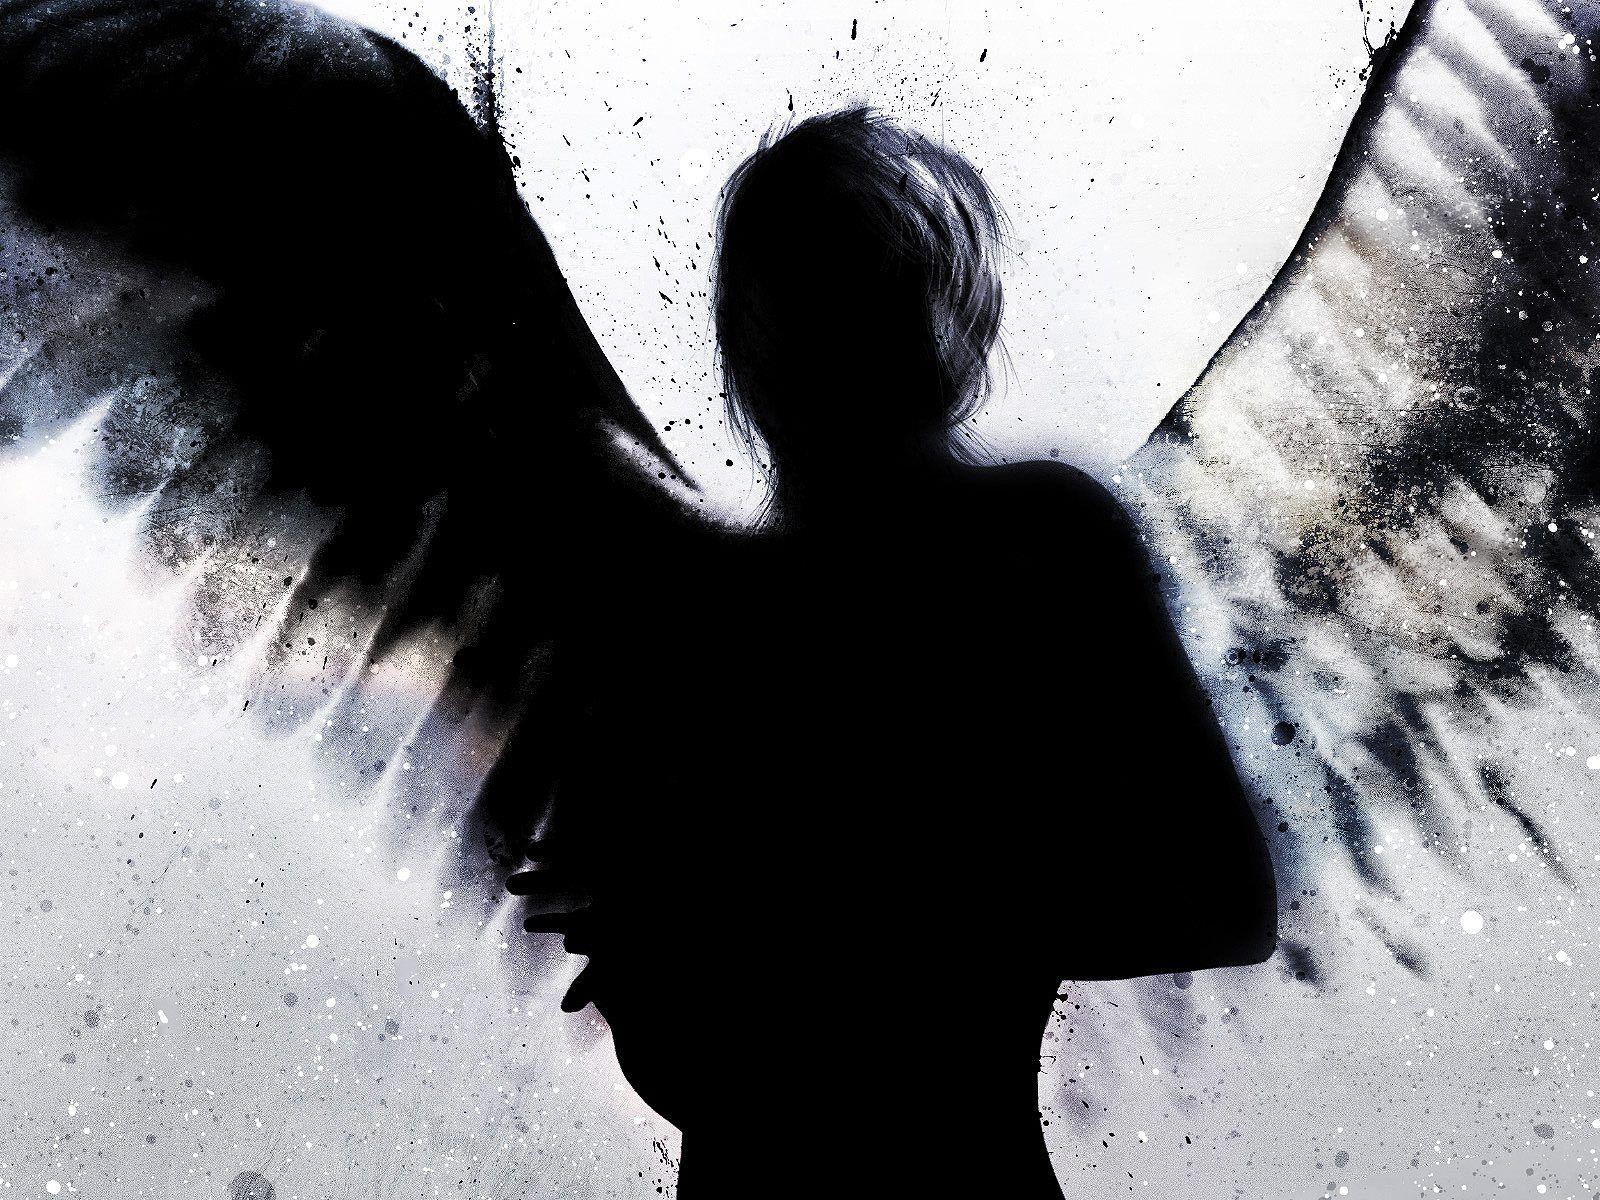 The Satanist V Christian view on God